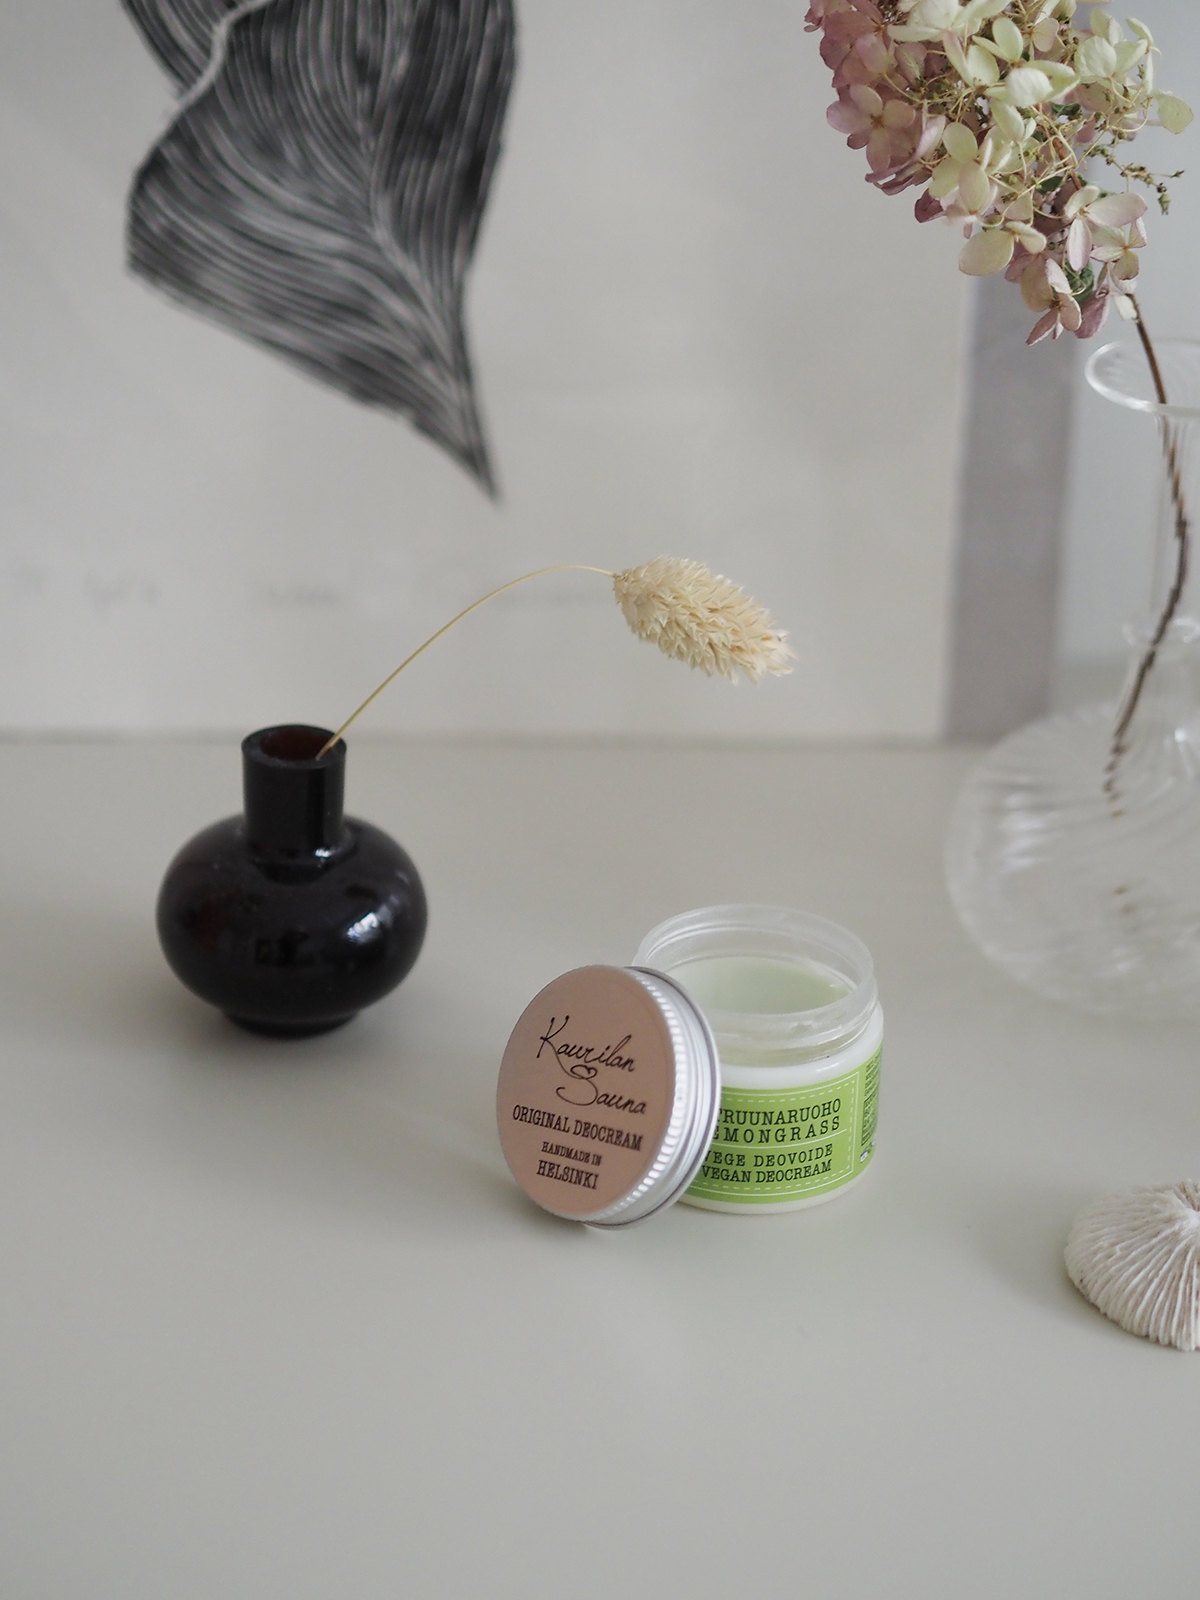 Toimiva luonnollinen deodorantti Kaurilan Sauna